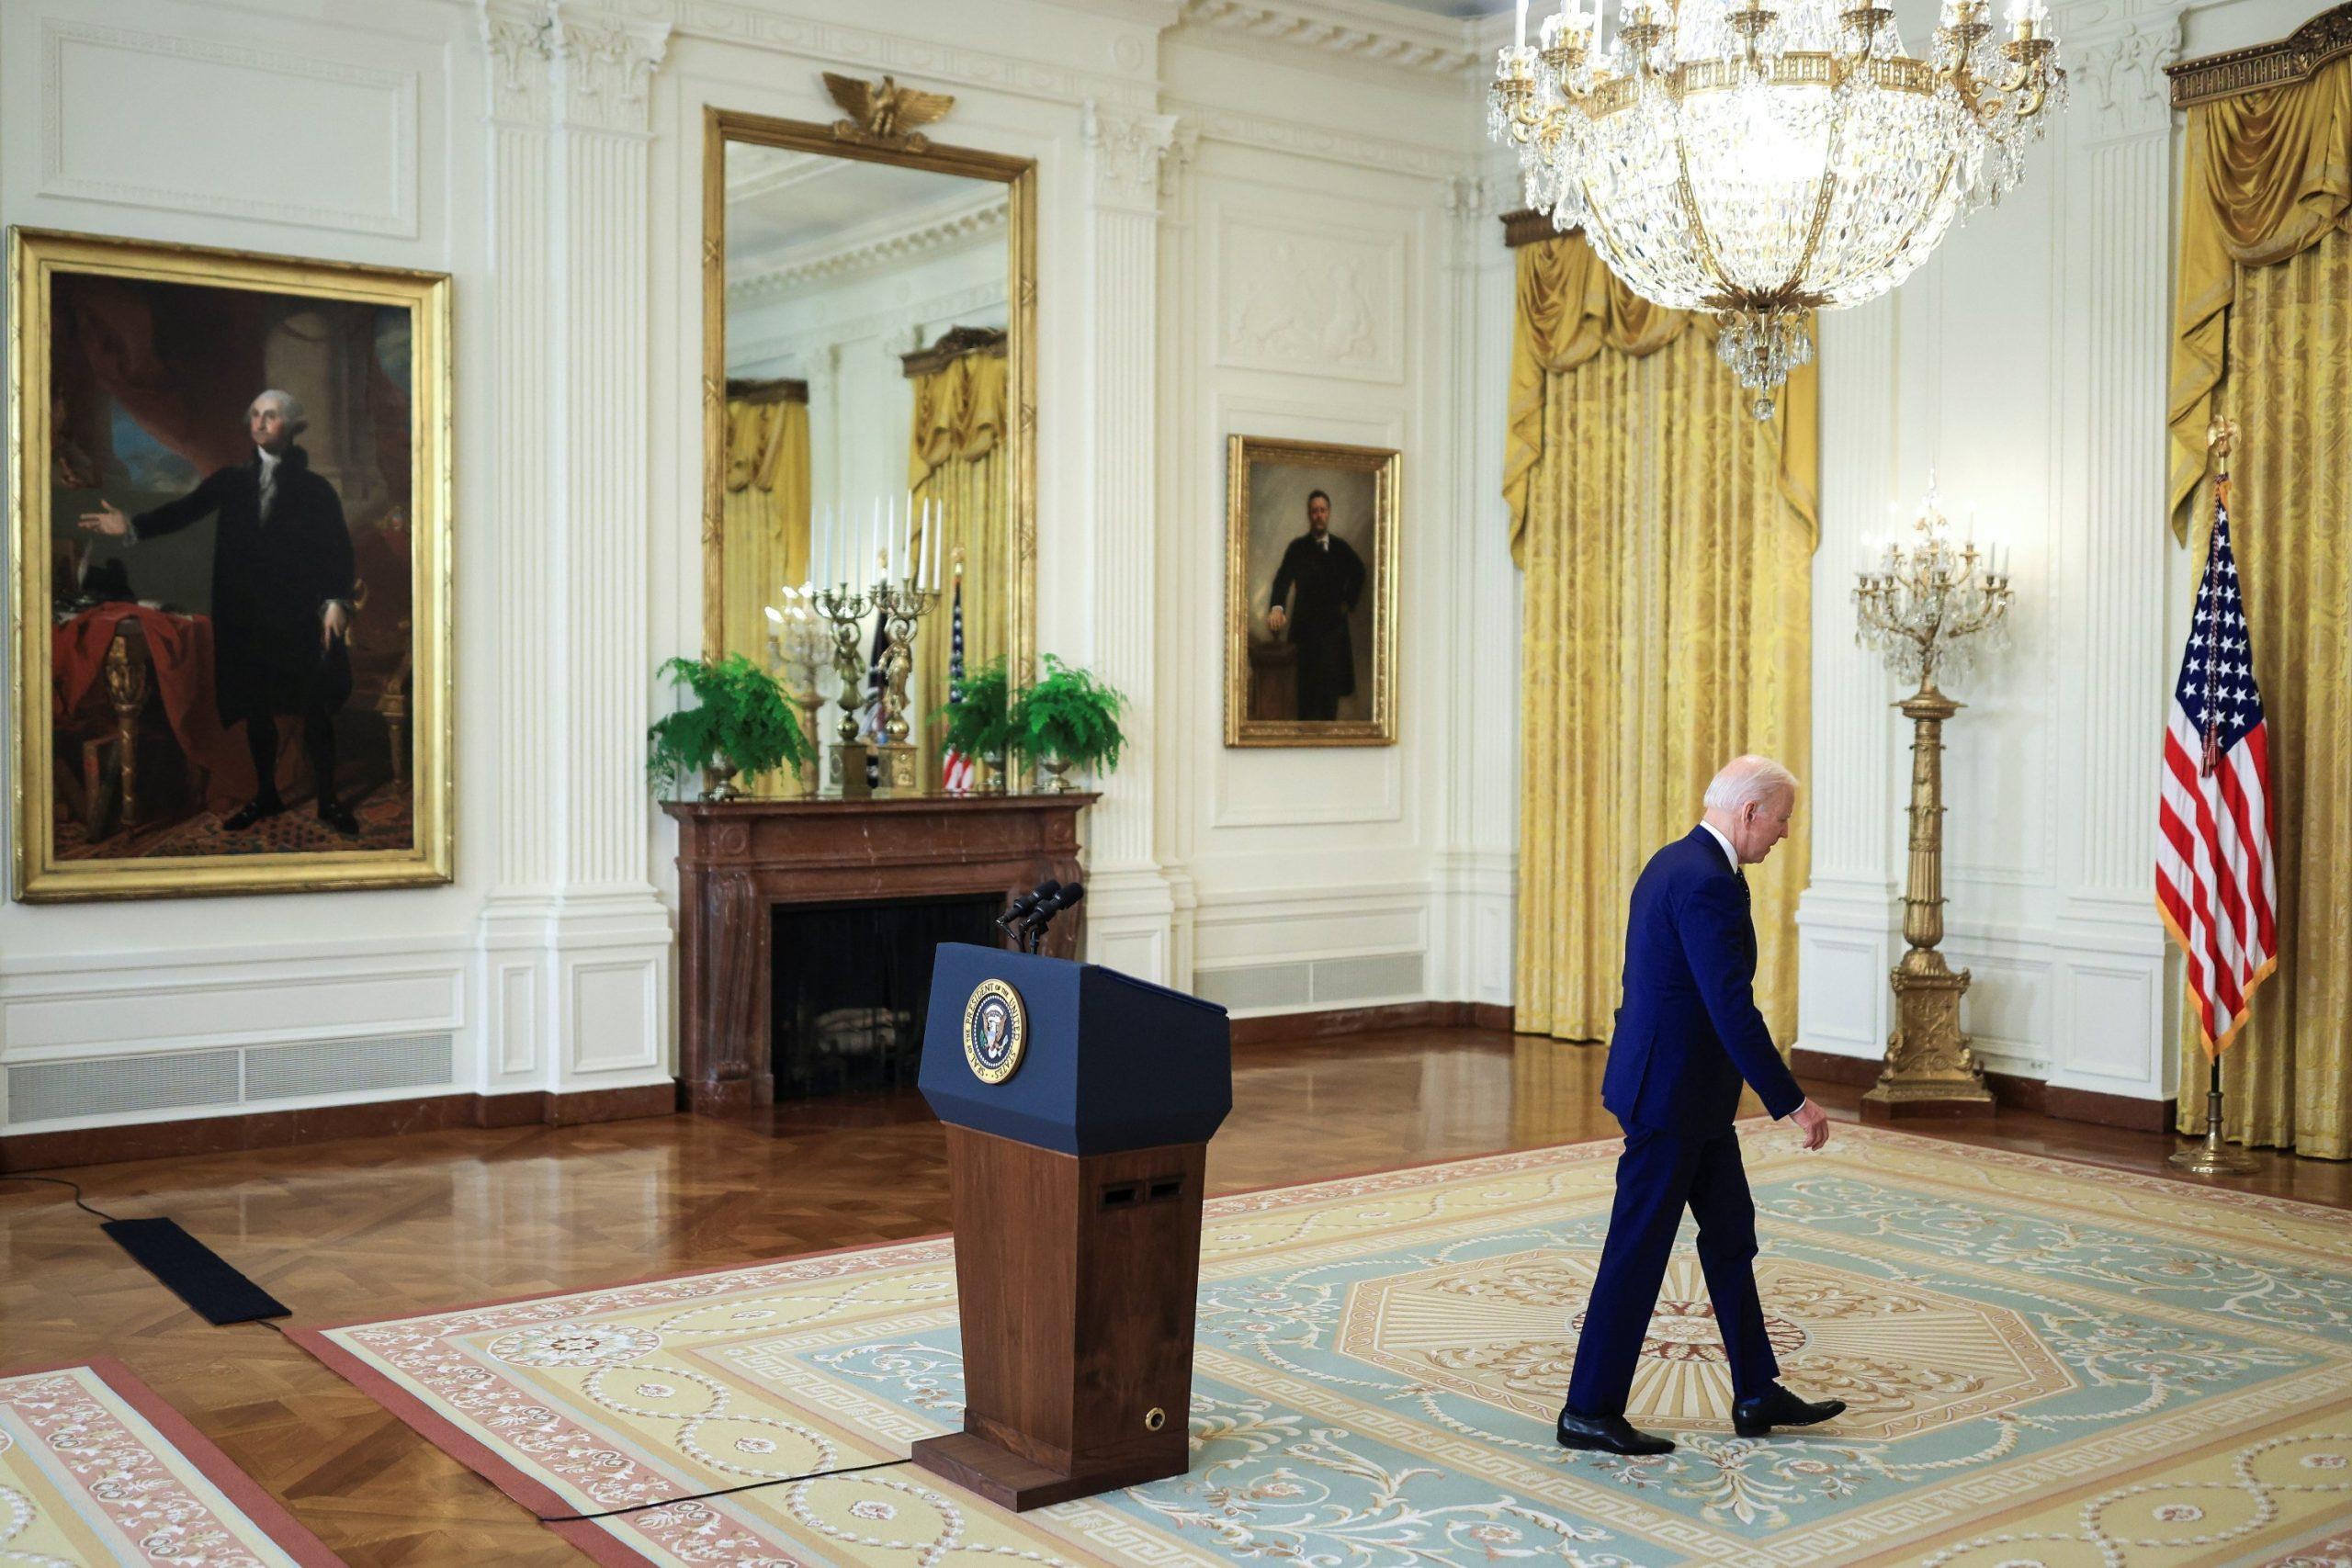 Biden departs